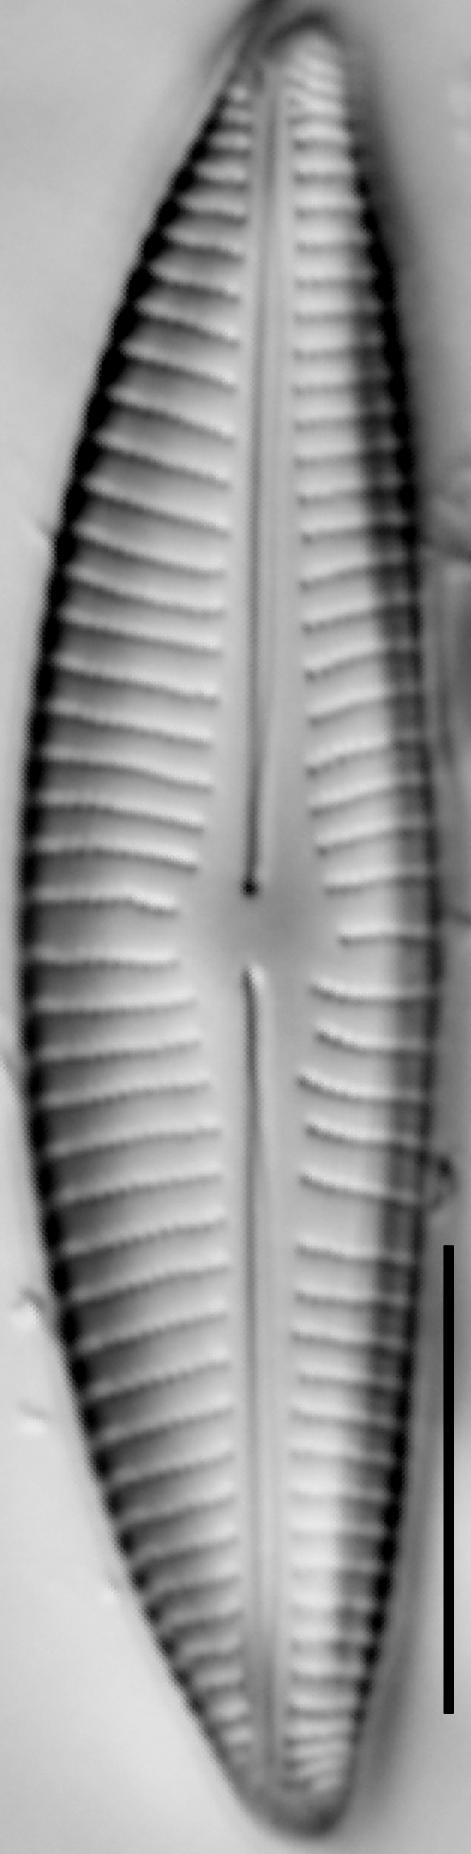 Encyonema hebridicum LM4